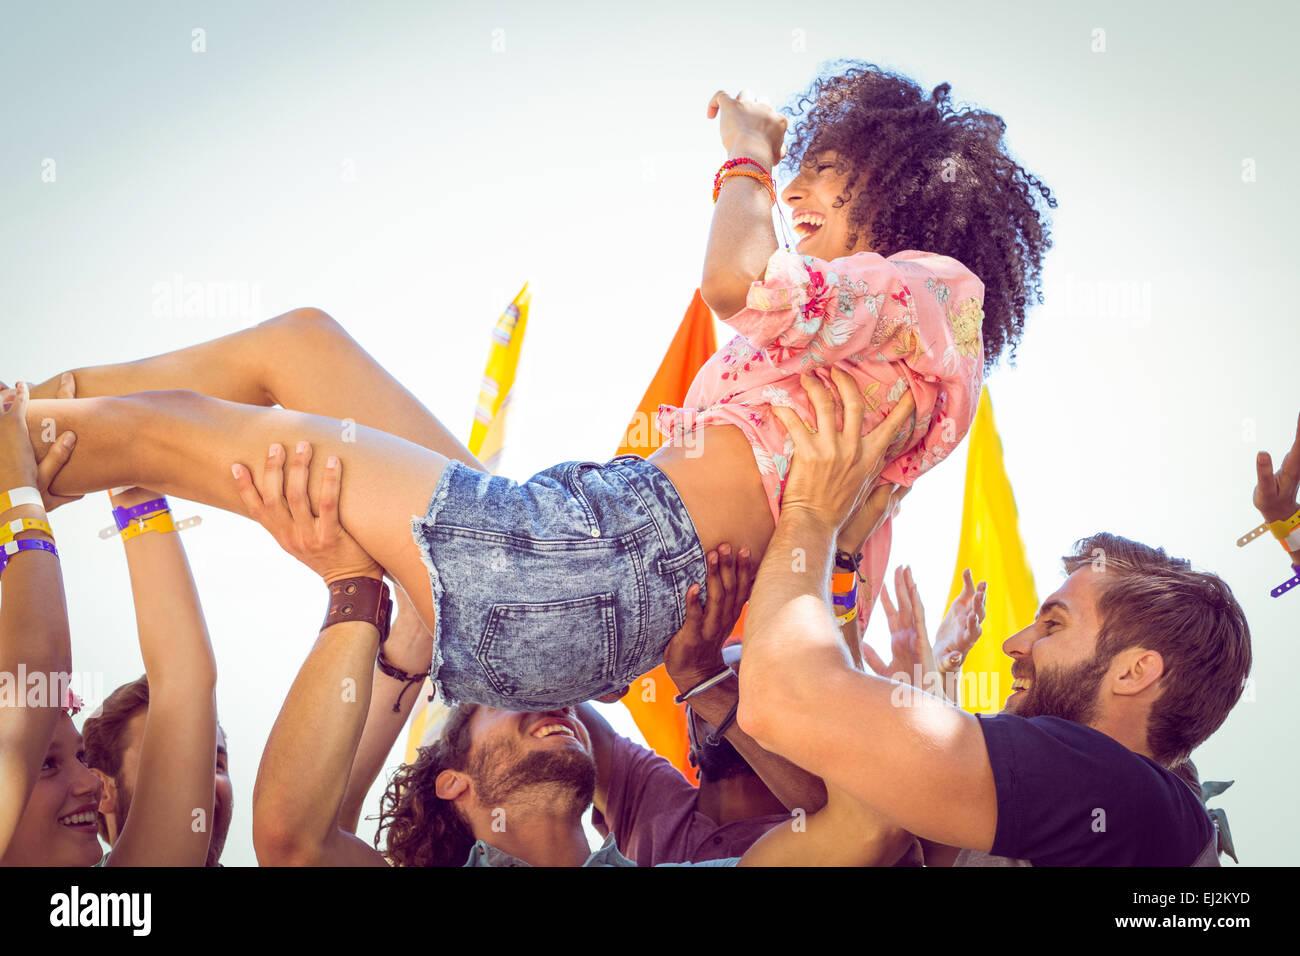 Feliz hipster mujer multitud surf Imagen De Stock